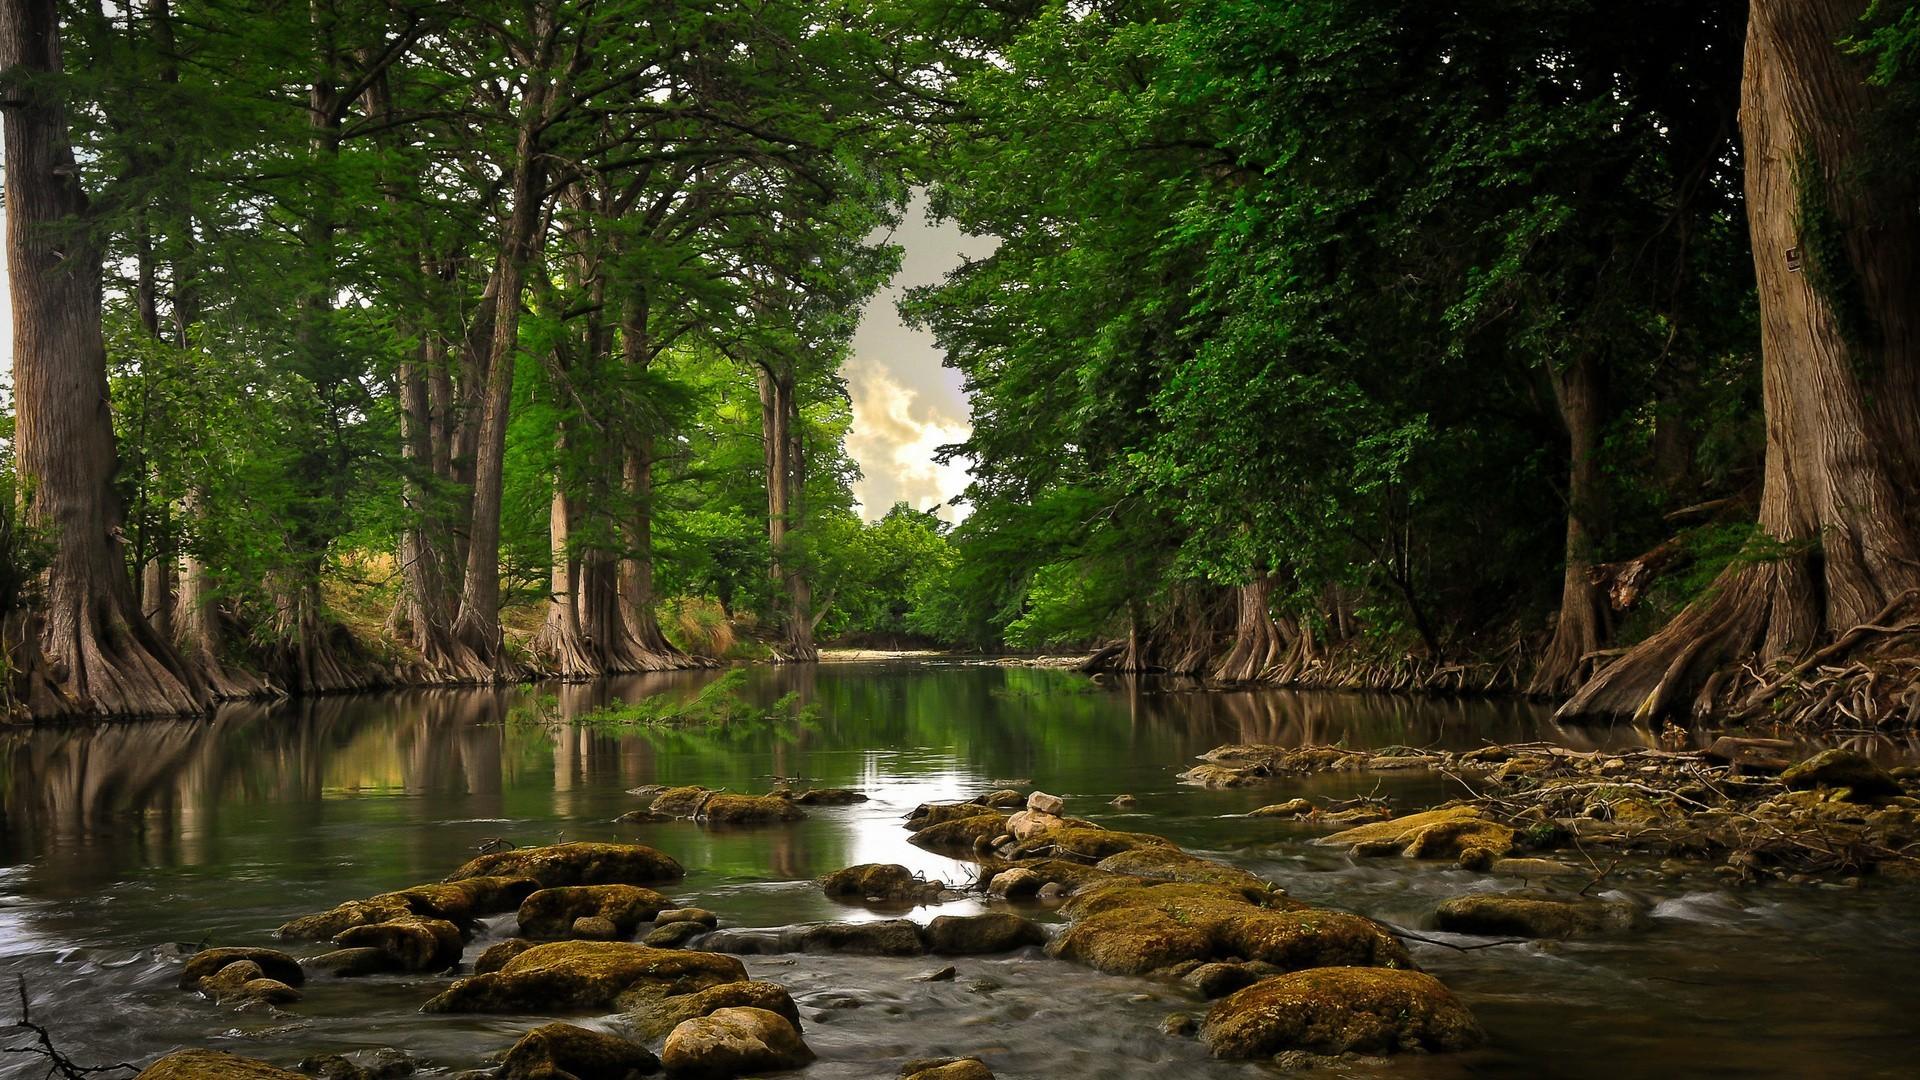 48843 скачать обои Пейзаж, Природа, Деревья - заставки и картинки бесплатно